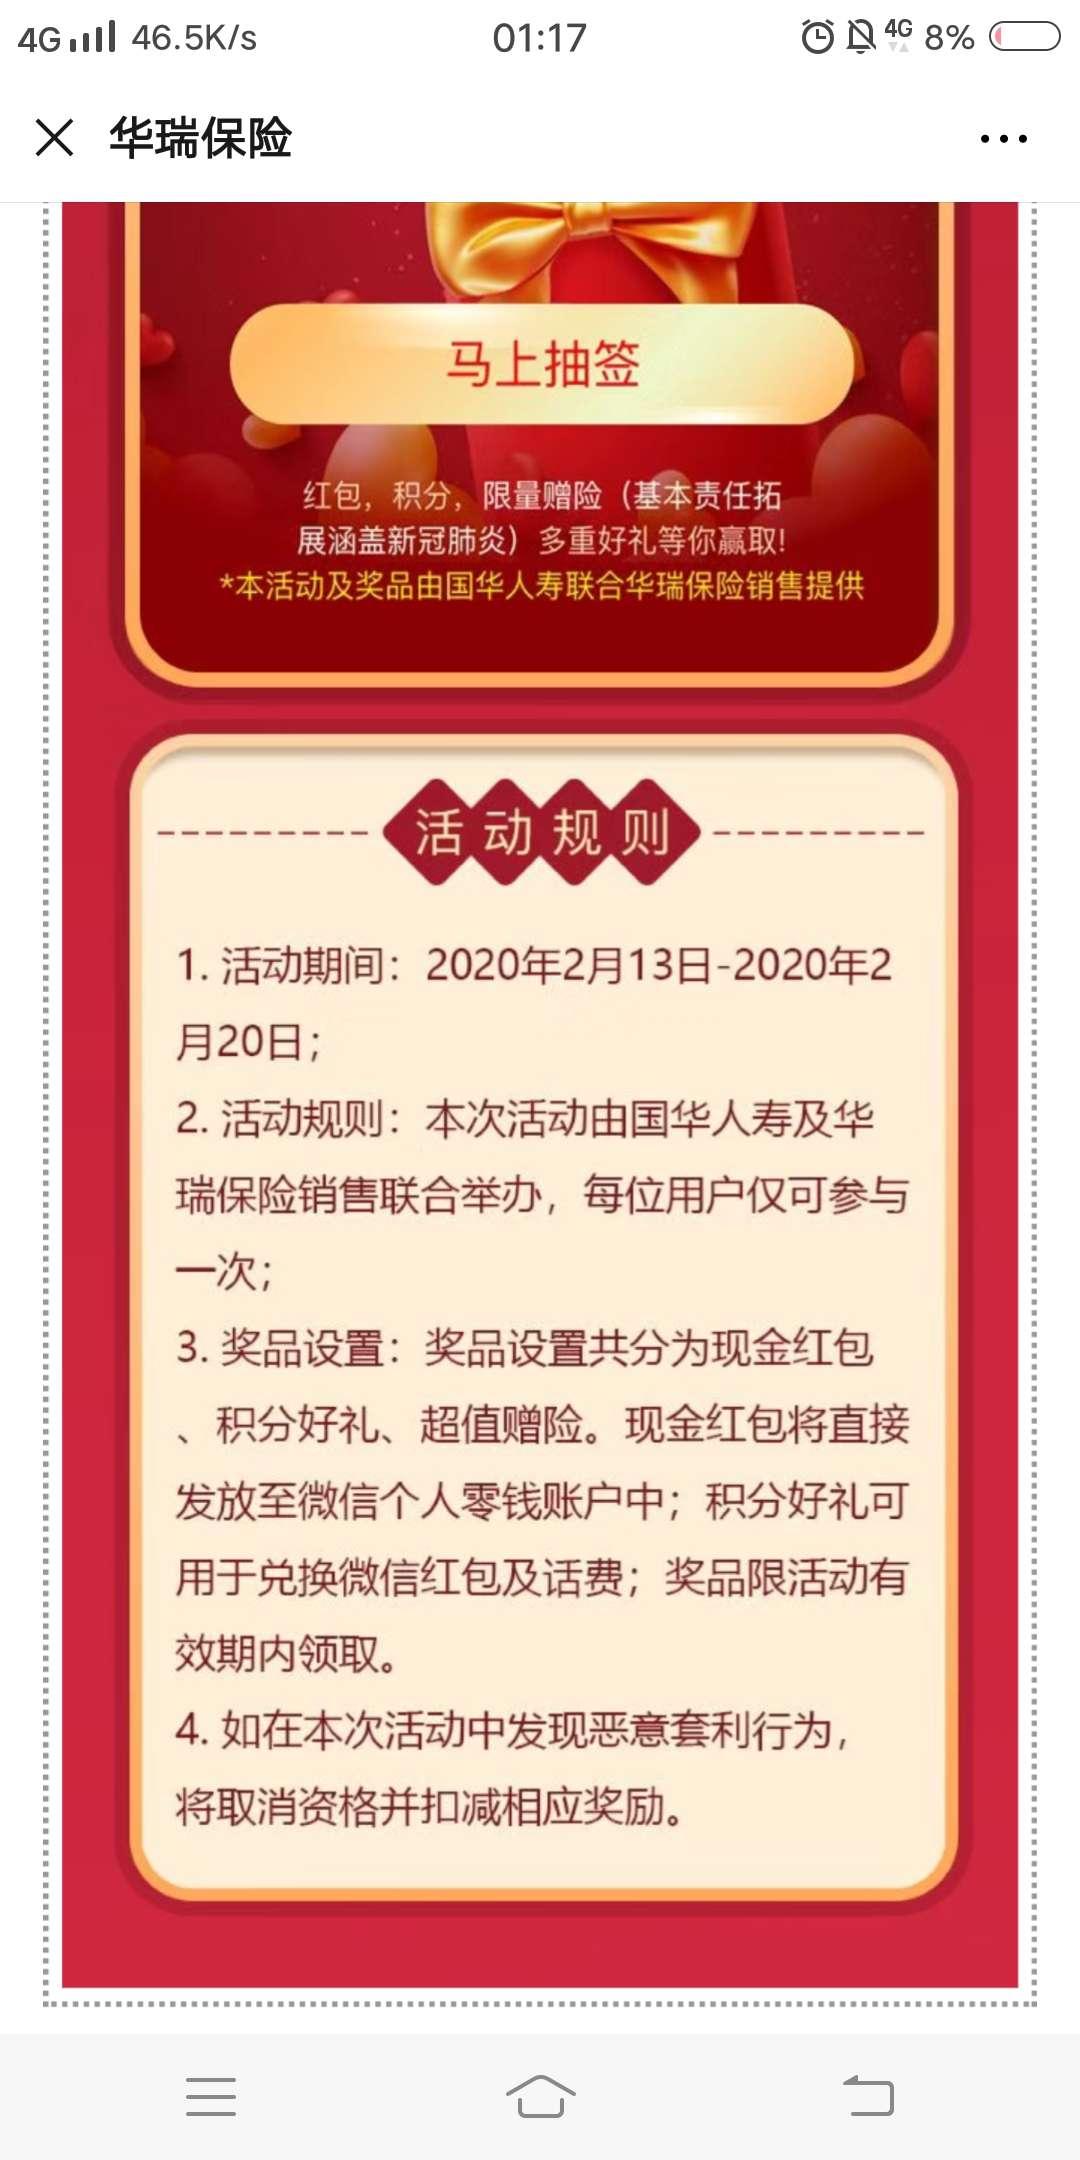 线报-「现金红包」华瑞保险爱情上上签活动抽随机微信红包-惠小助(52huixz.com)